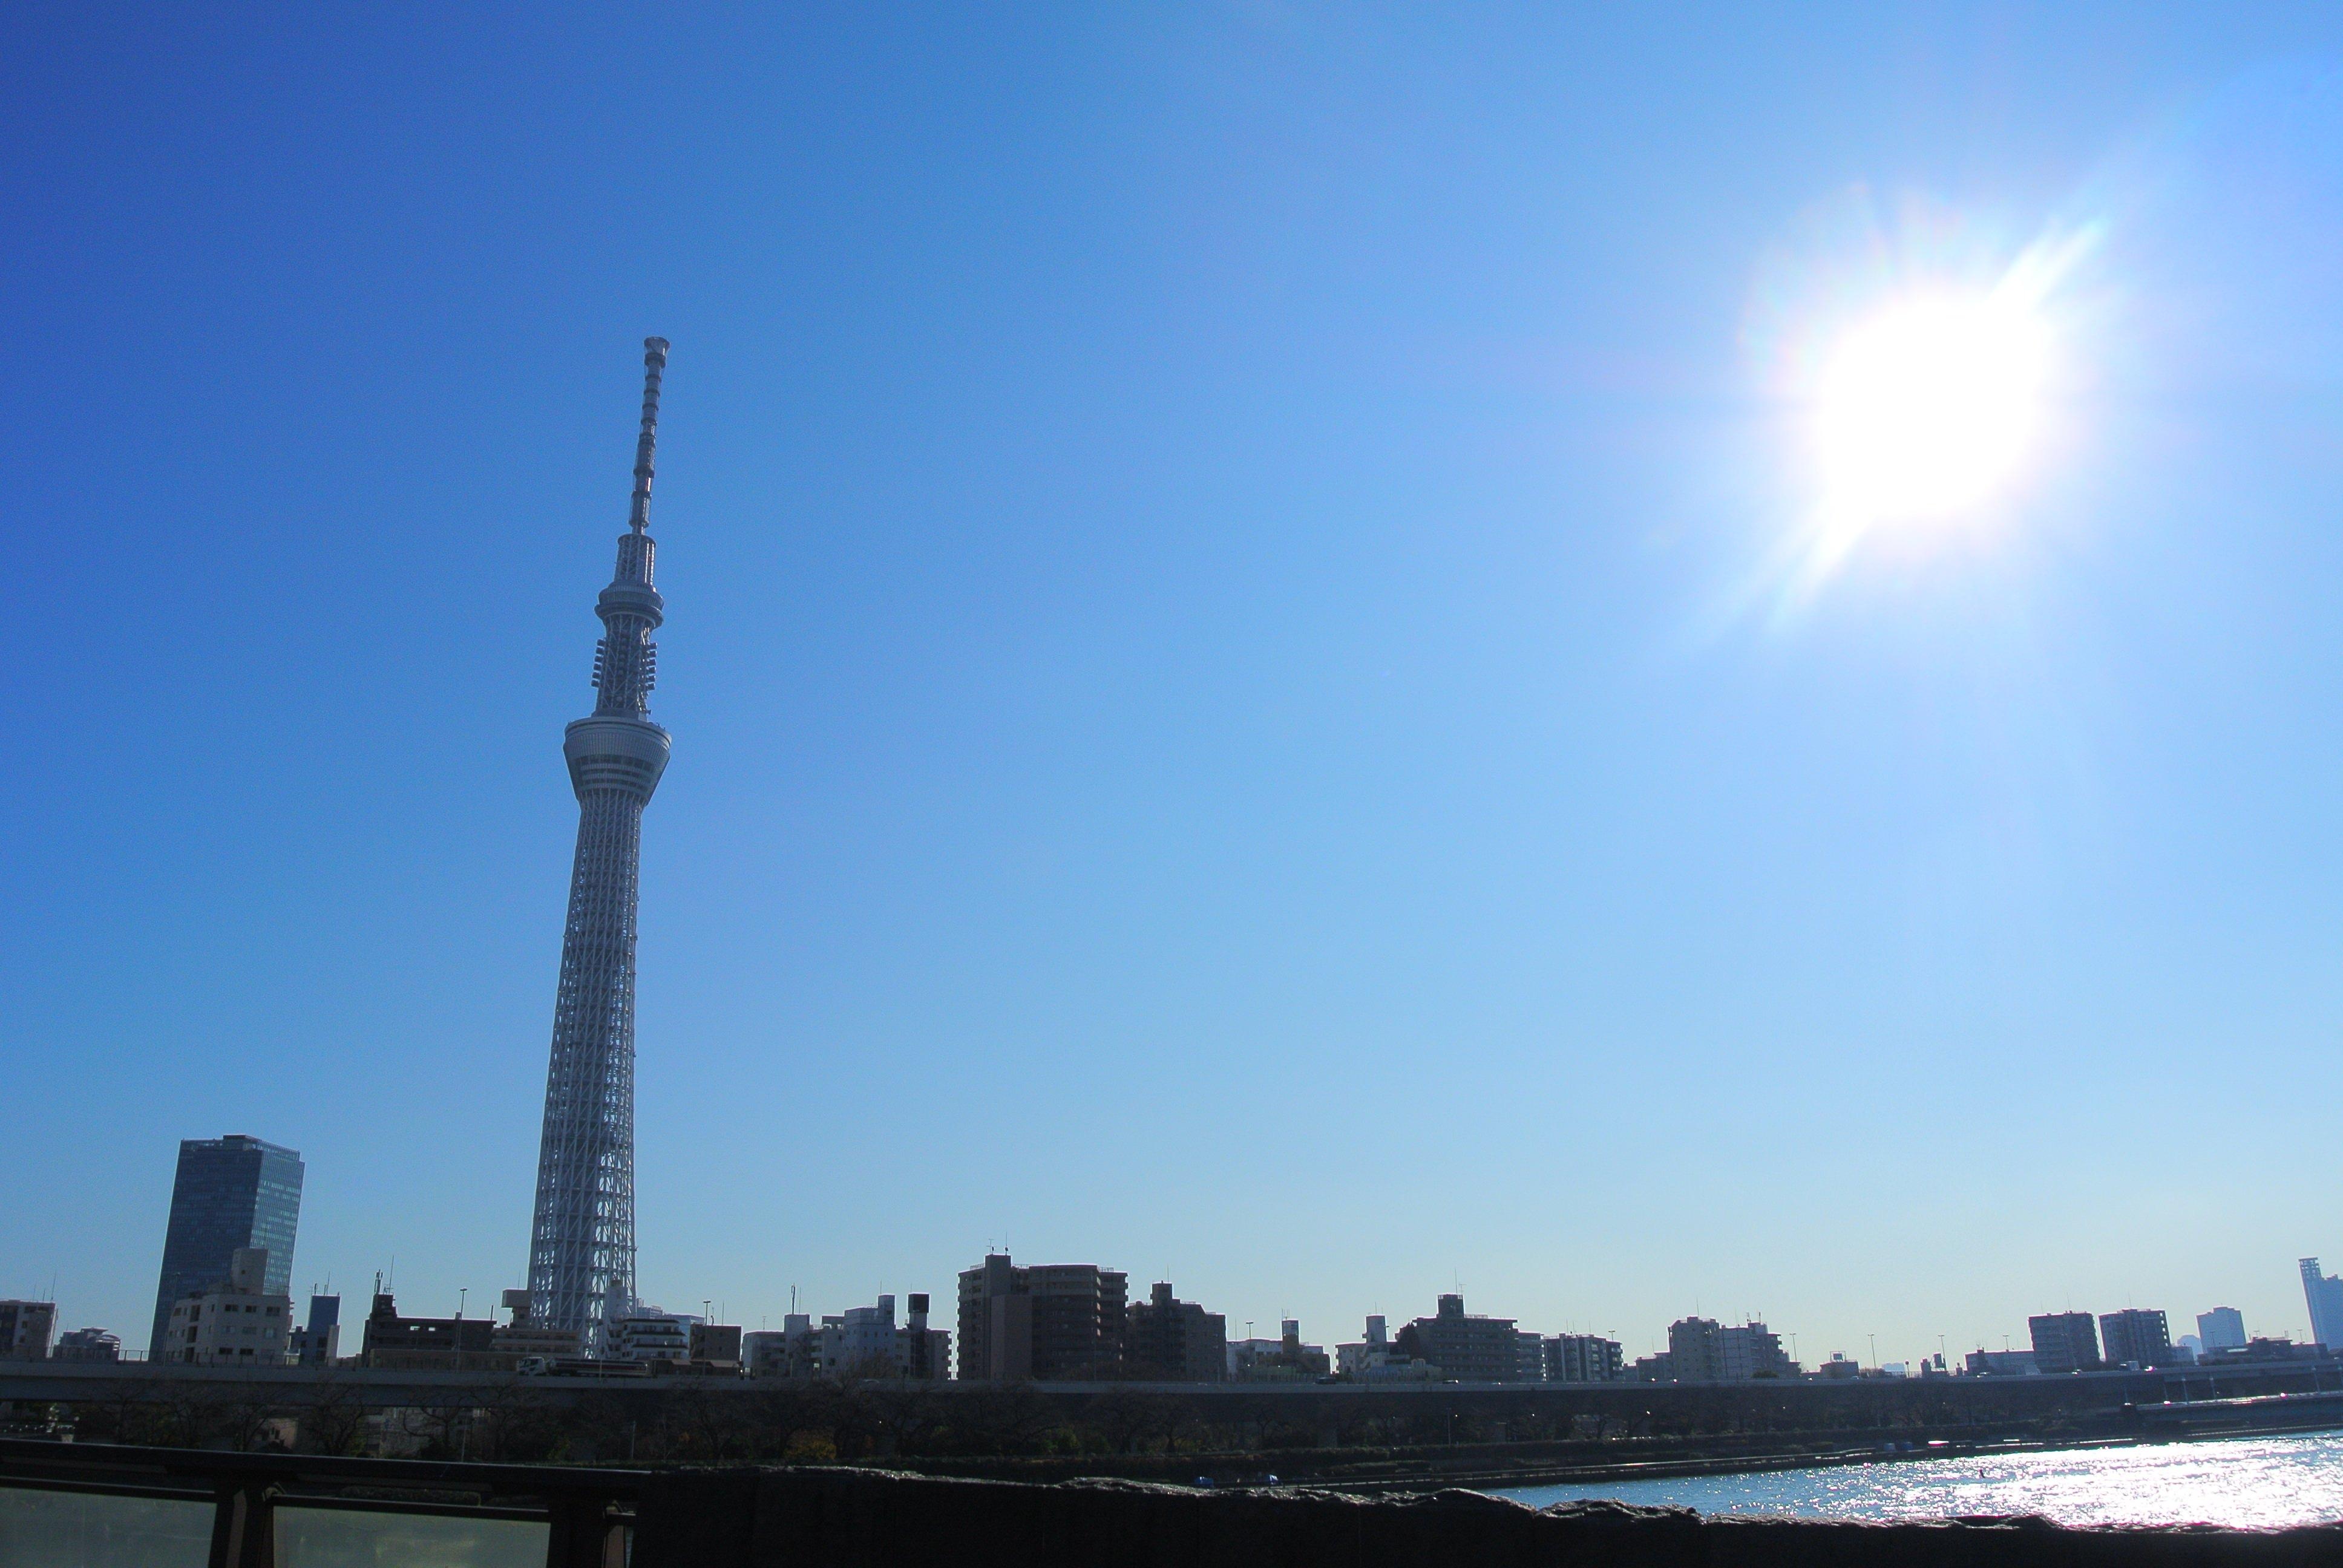 太陽とスカイツリー 無料の写真素材はフリー素材のぱくたそ